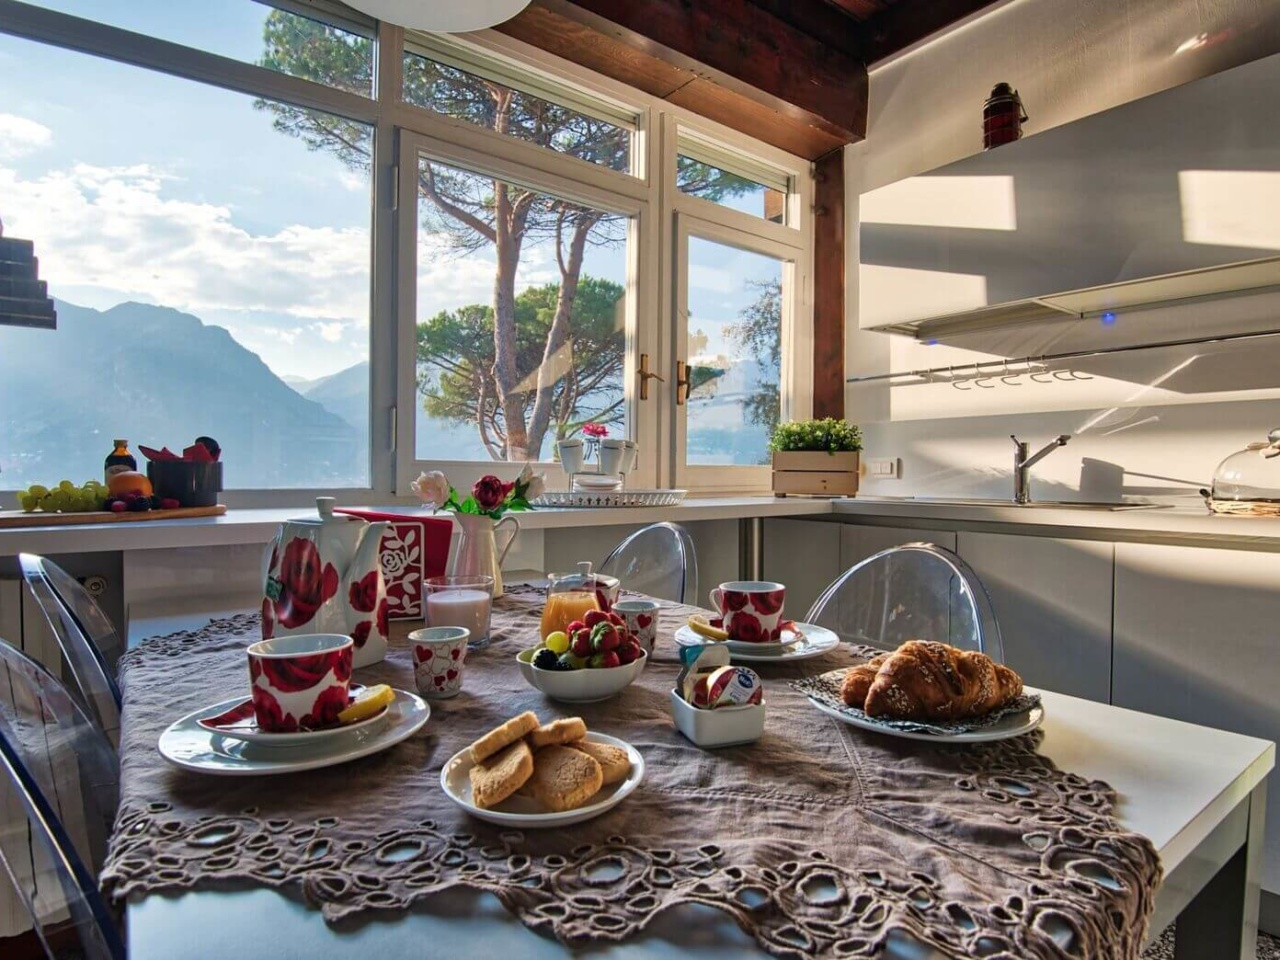 villa-meraviglia-colico-06-colazione-in-cucina